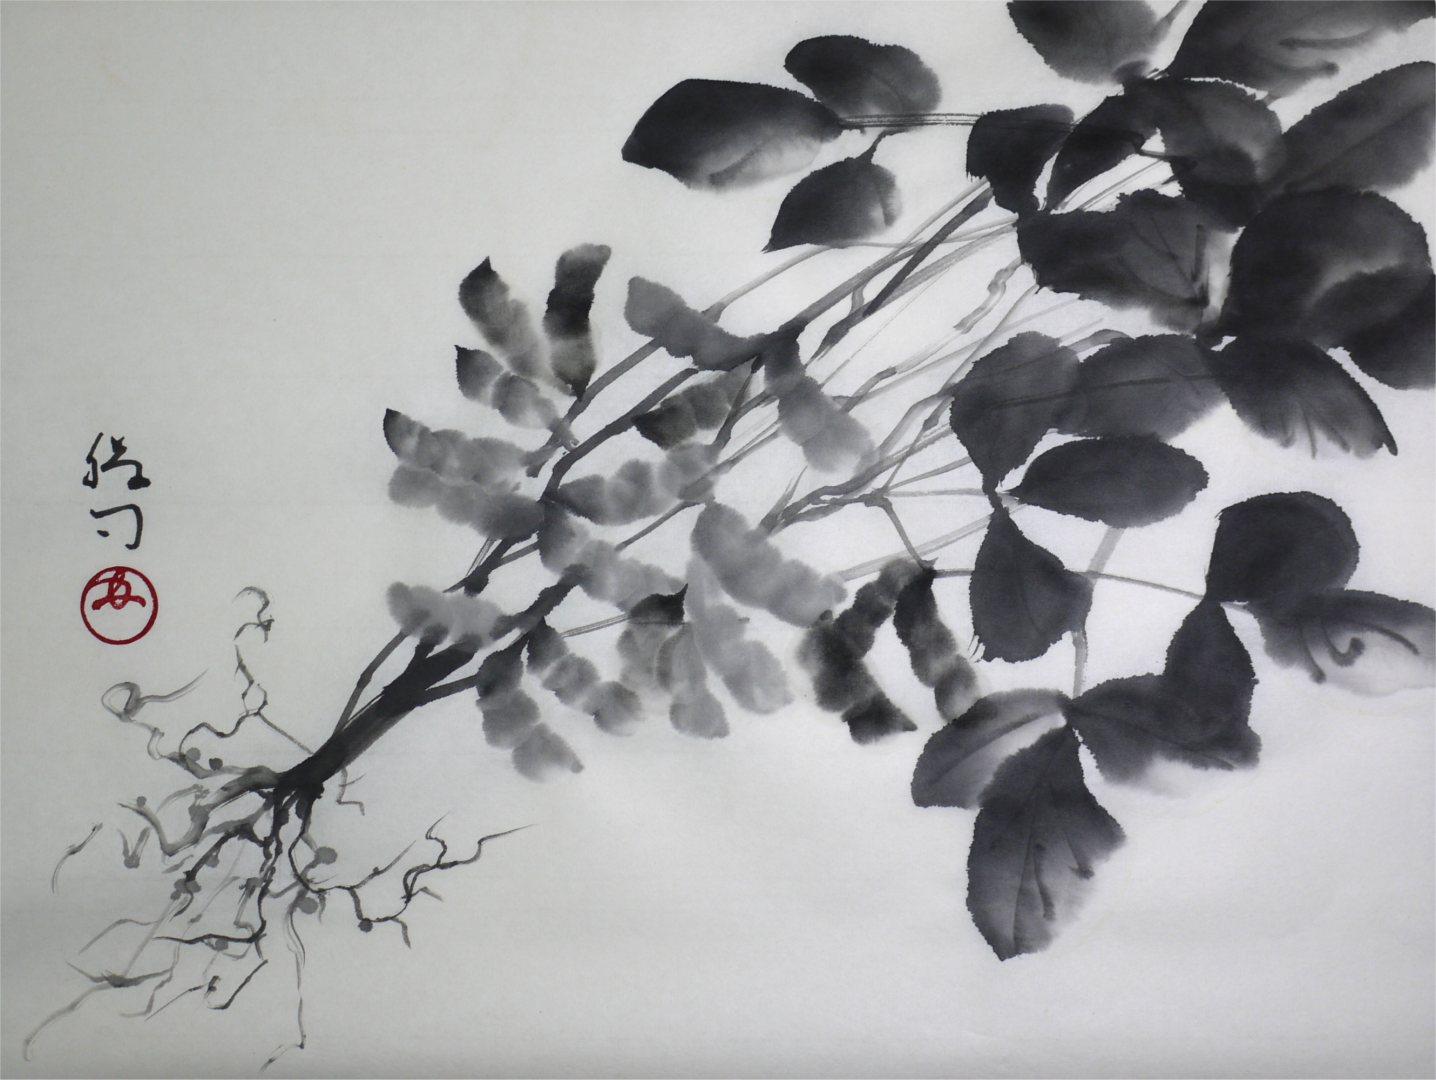 水墨画「枝豆」福田勝司筆